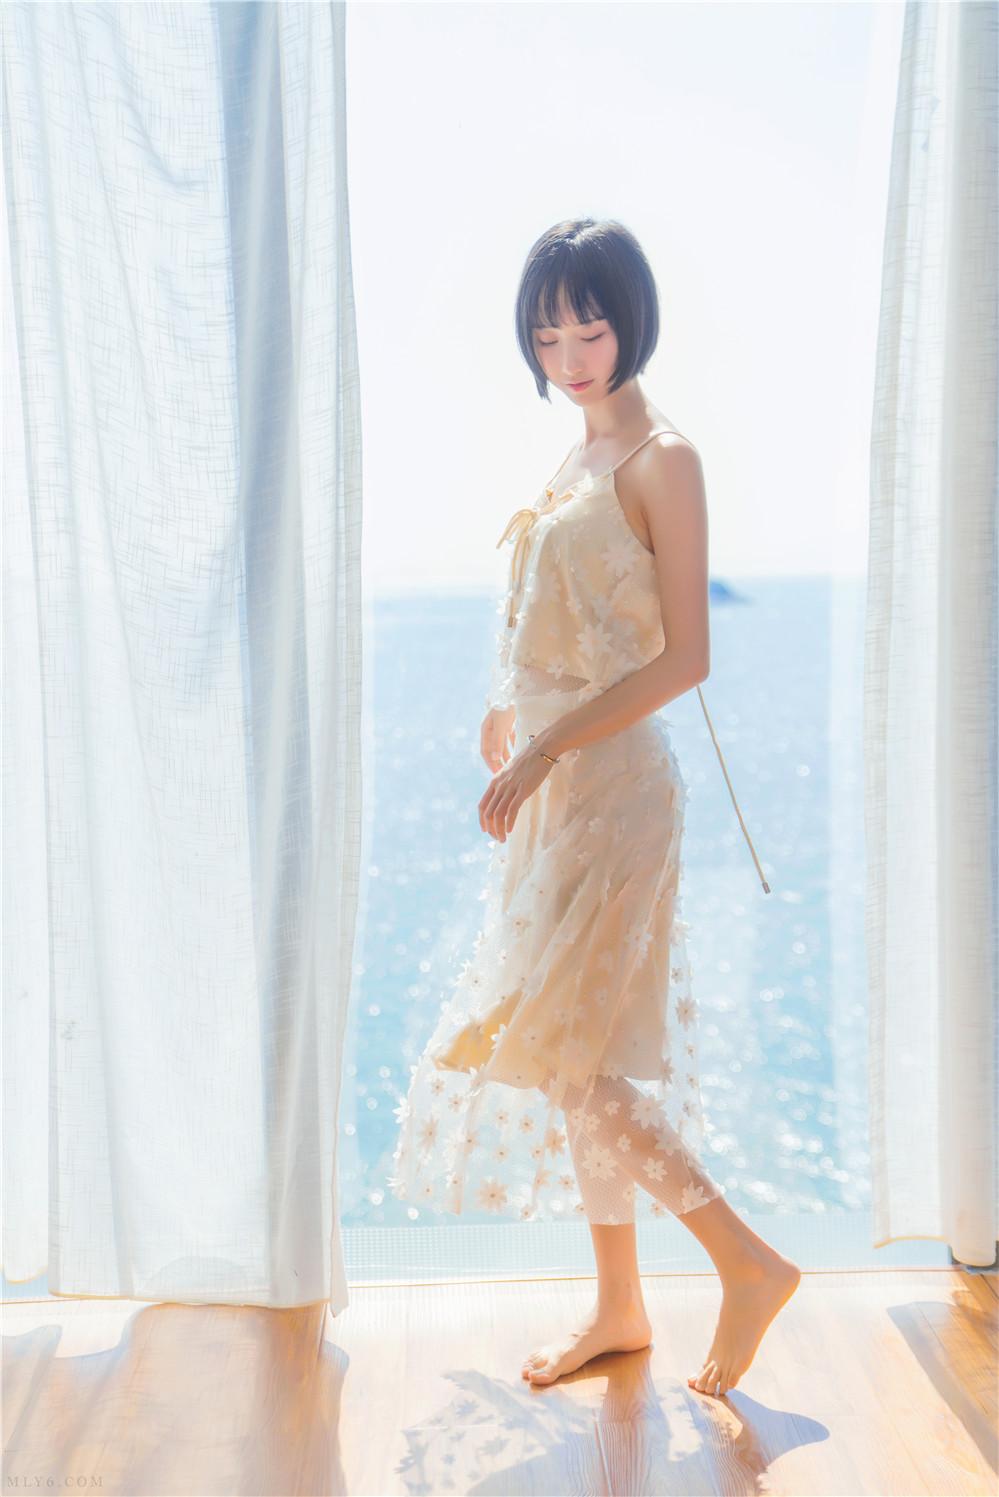 木绵绵OwO – NO.53 暖冬的海 米色裙子 [22P-391MB]